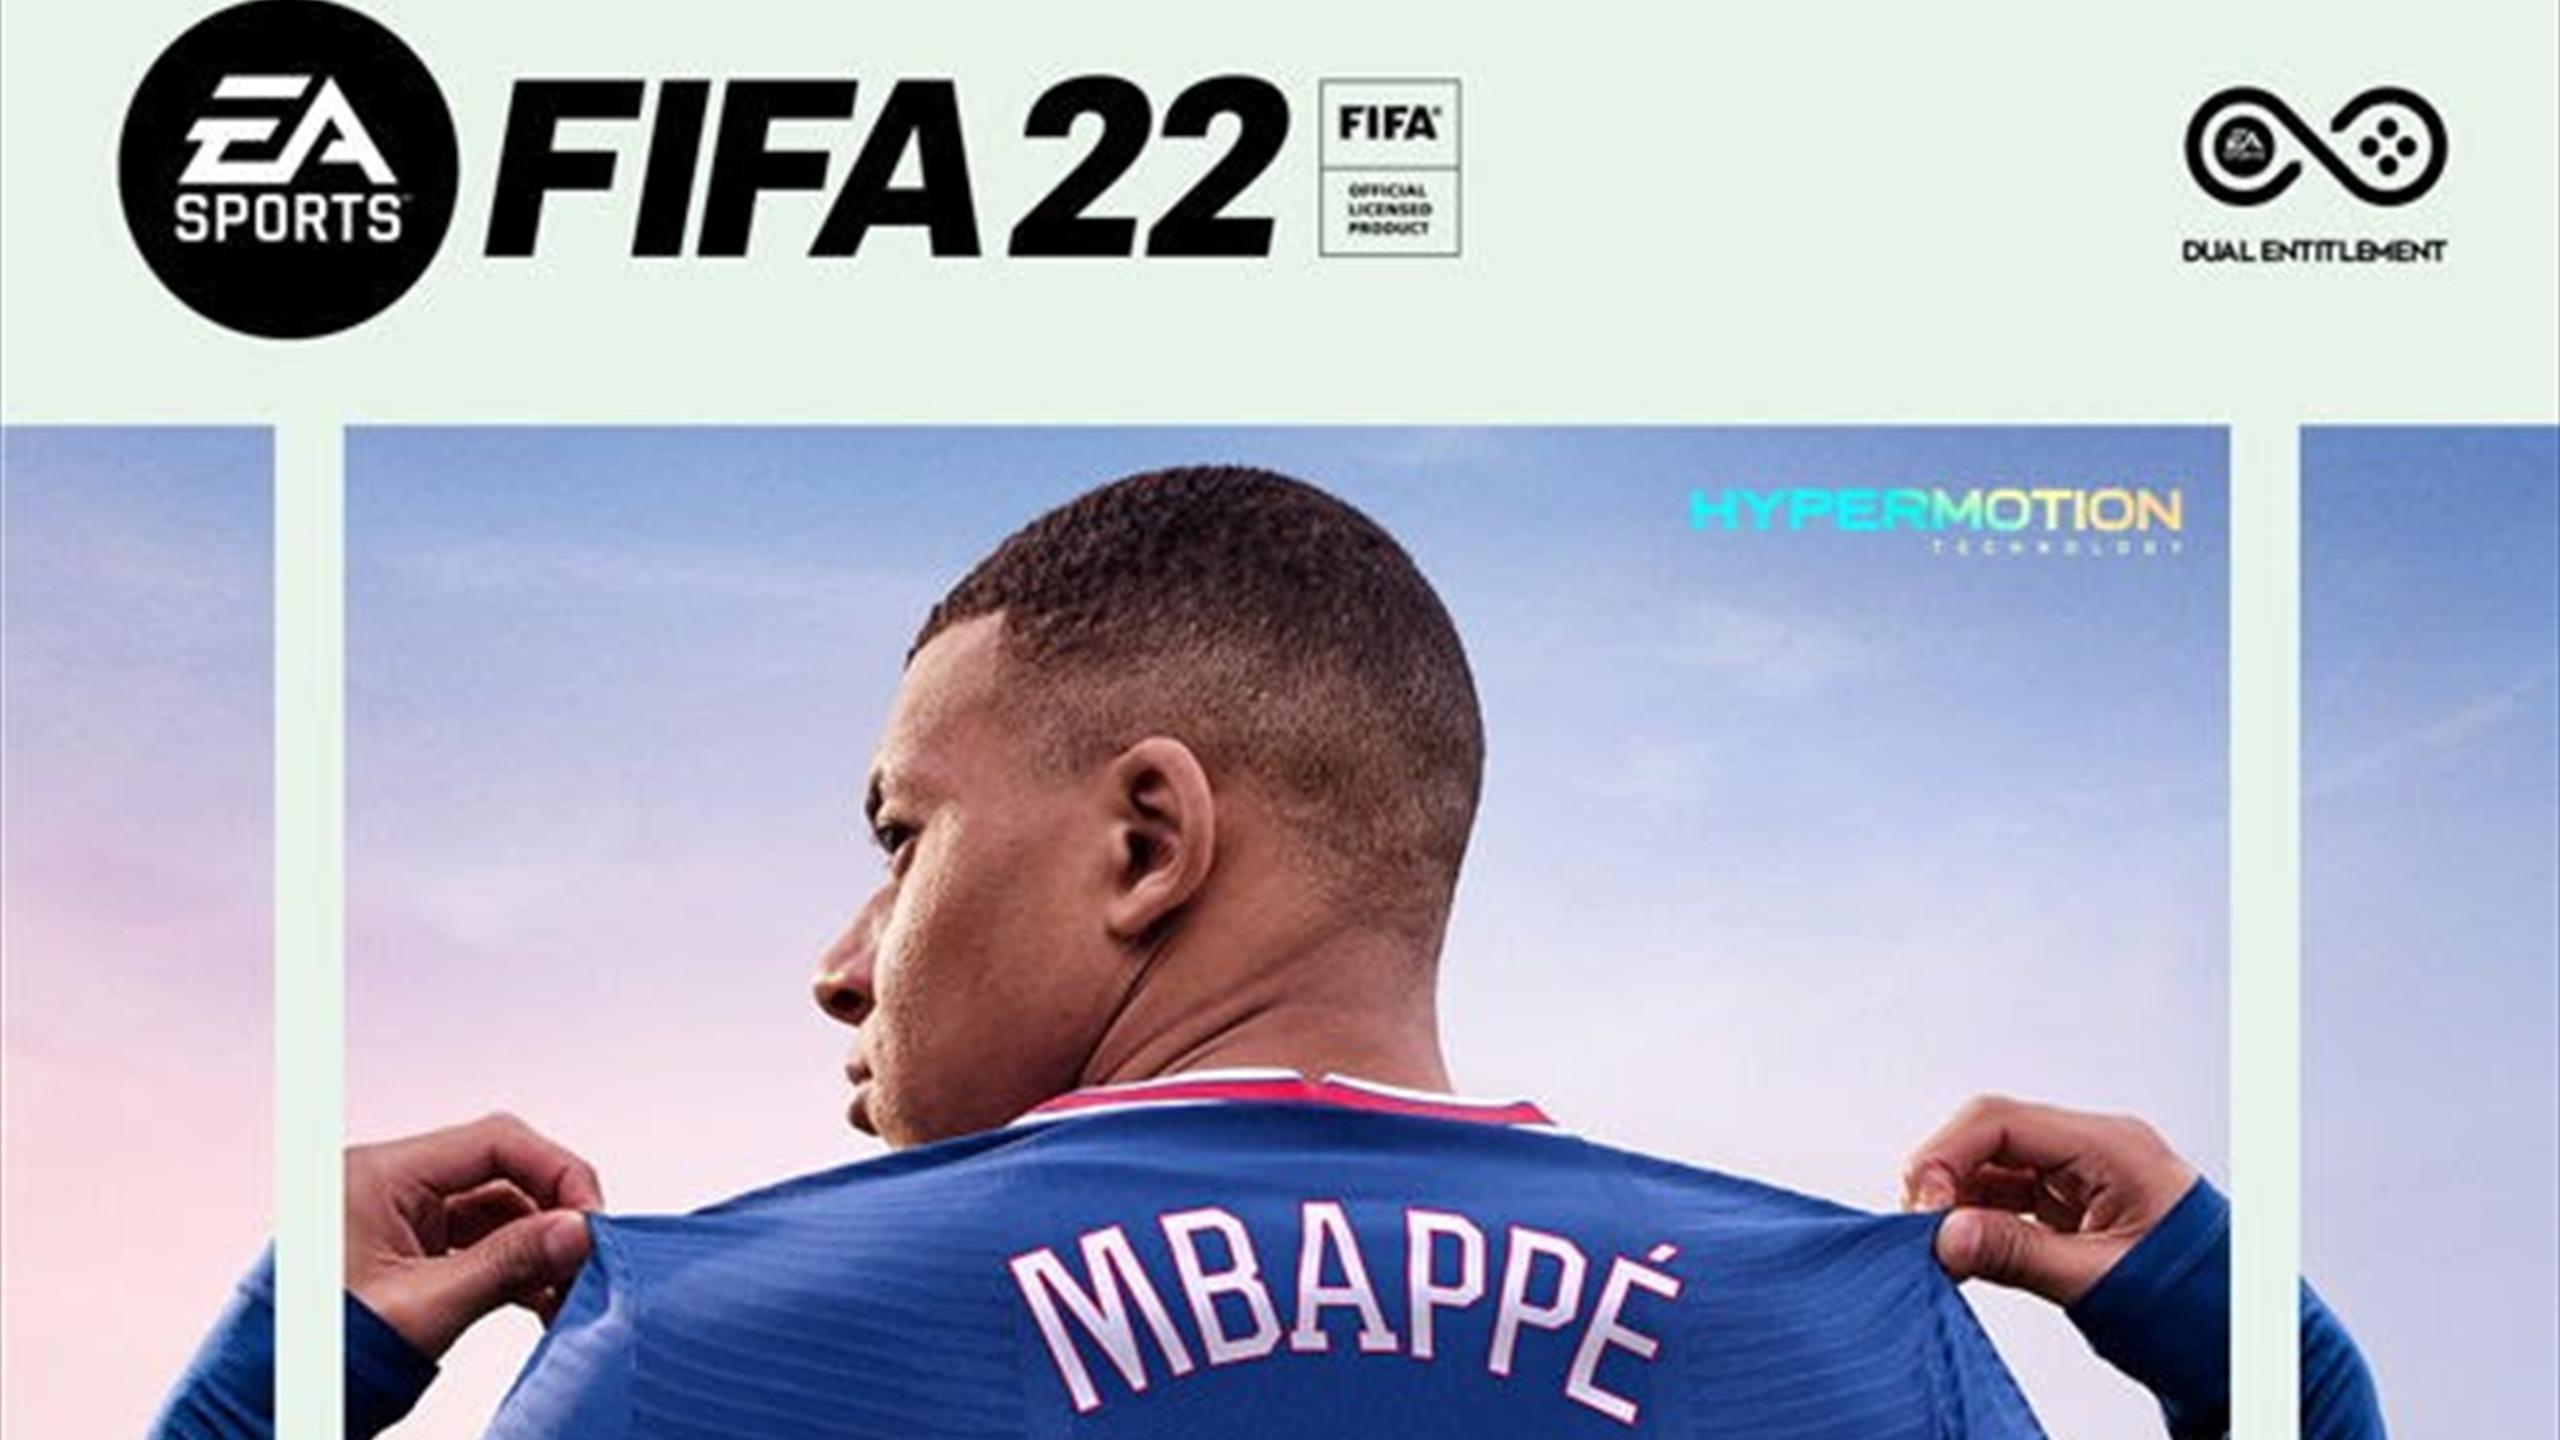 Подписчики Xbox Game Pass Ultimate и EA Play получат доступ к FIFA 22 уже на этой неделе